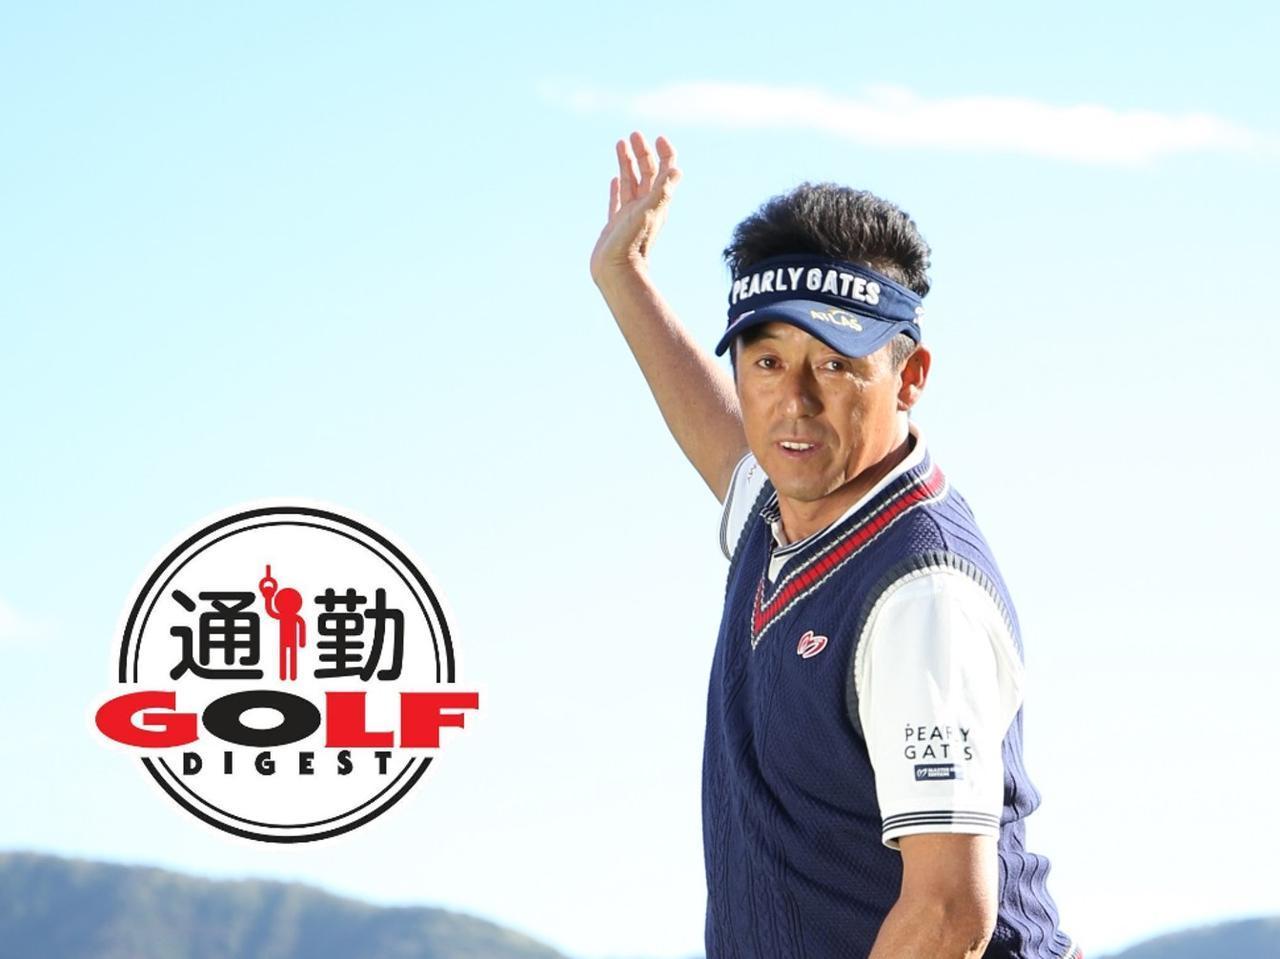 画像: 【通勤GD】芹澤信雄「1番ホールの木の下で…」Vol.33 ゴルフの極意はリズムにあり ゴルフダイジェストWEB - ゴルフへ行こうWEB by ゴルフダイジェスト